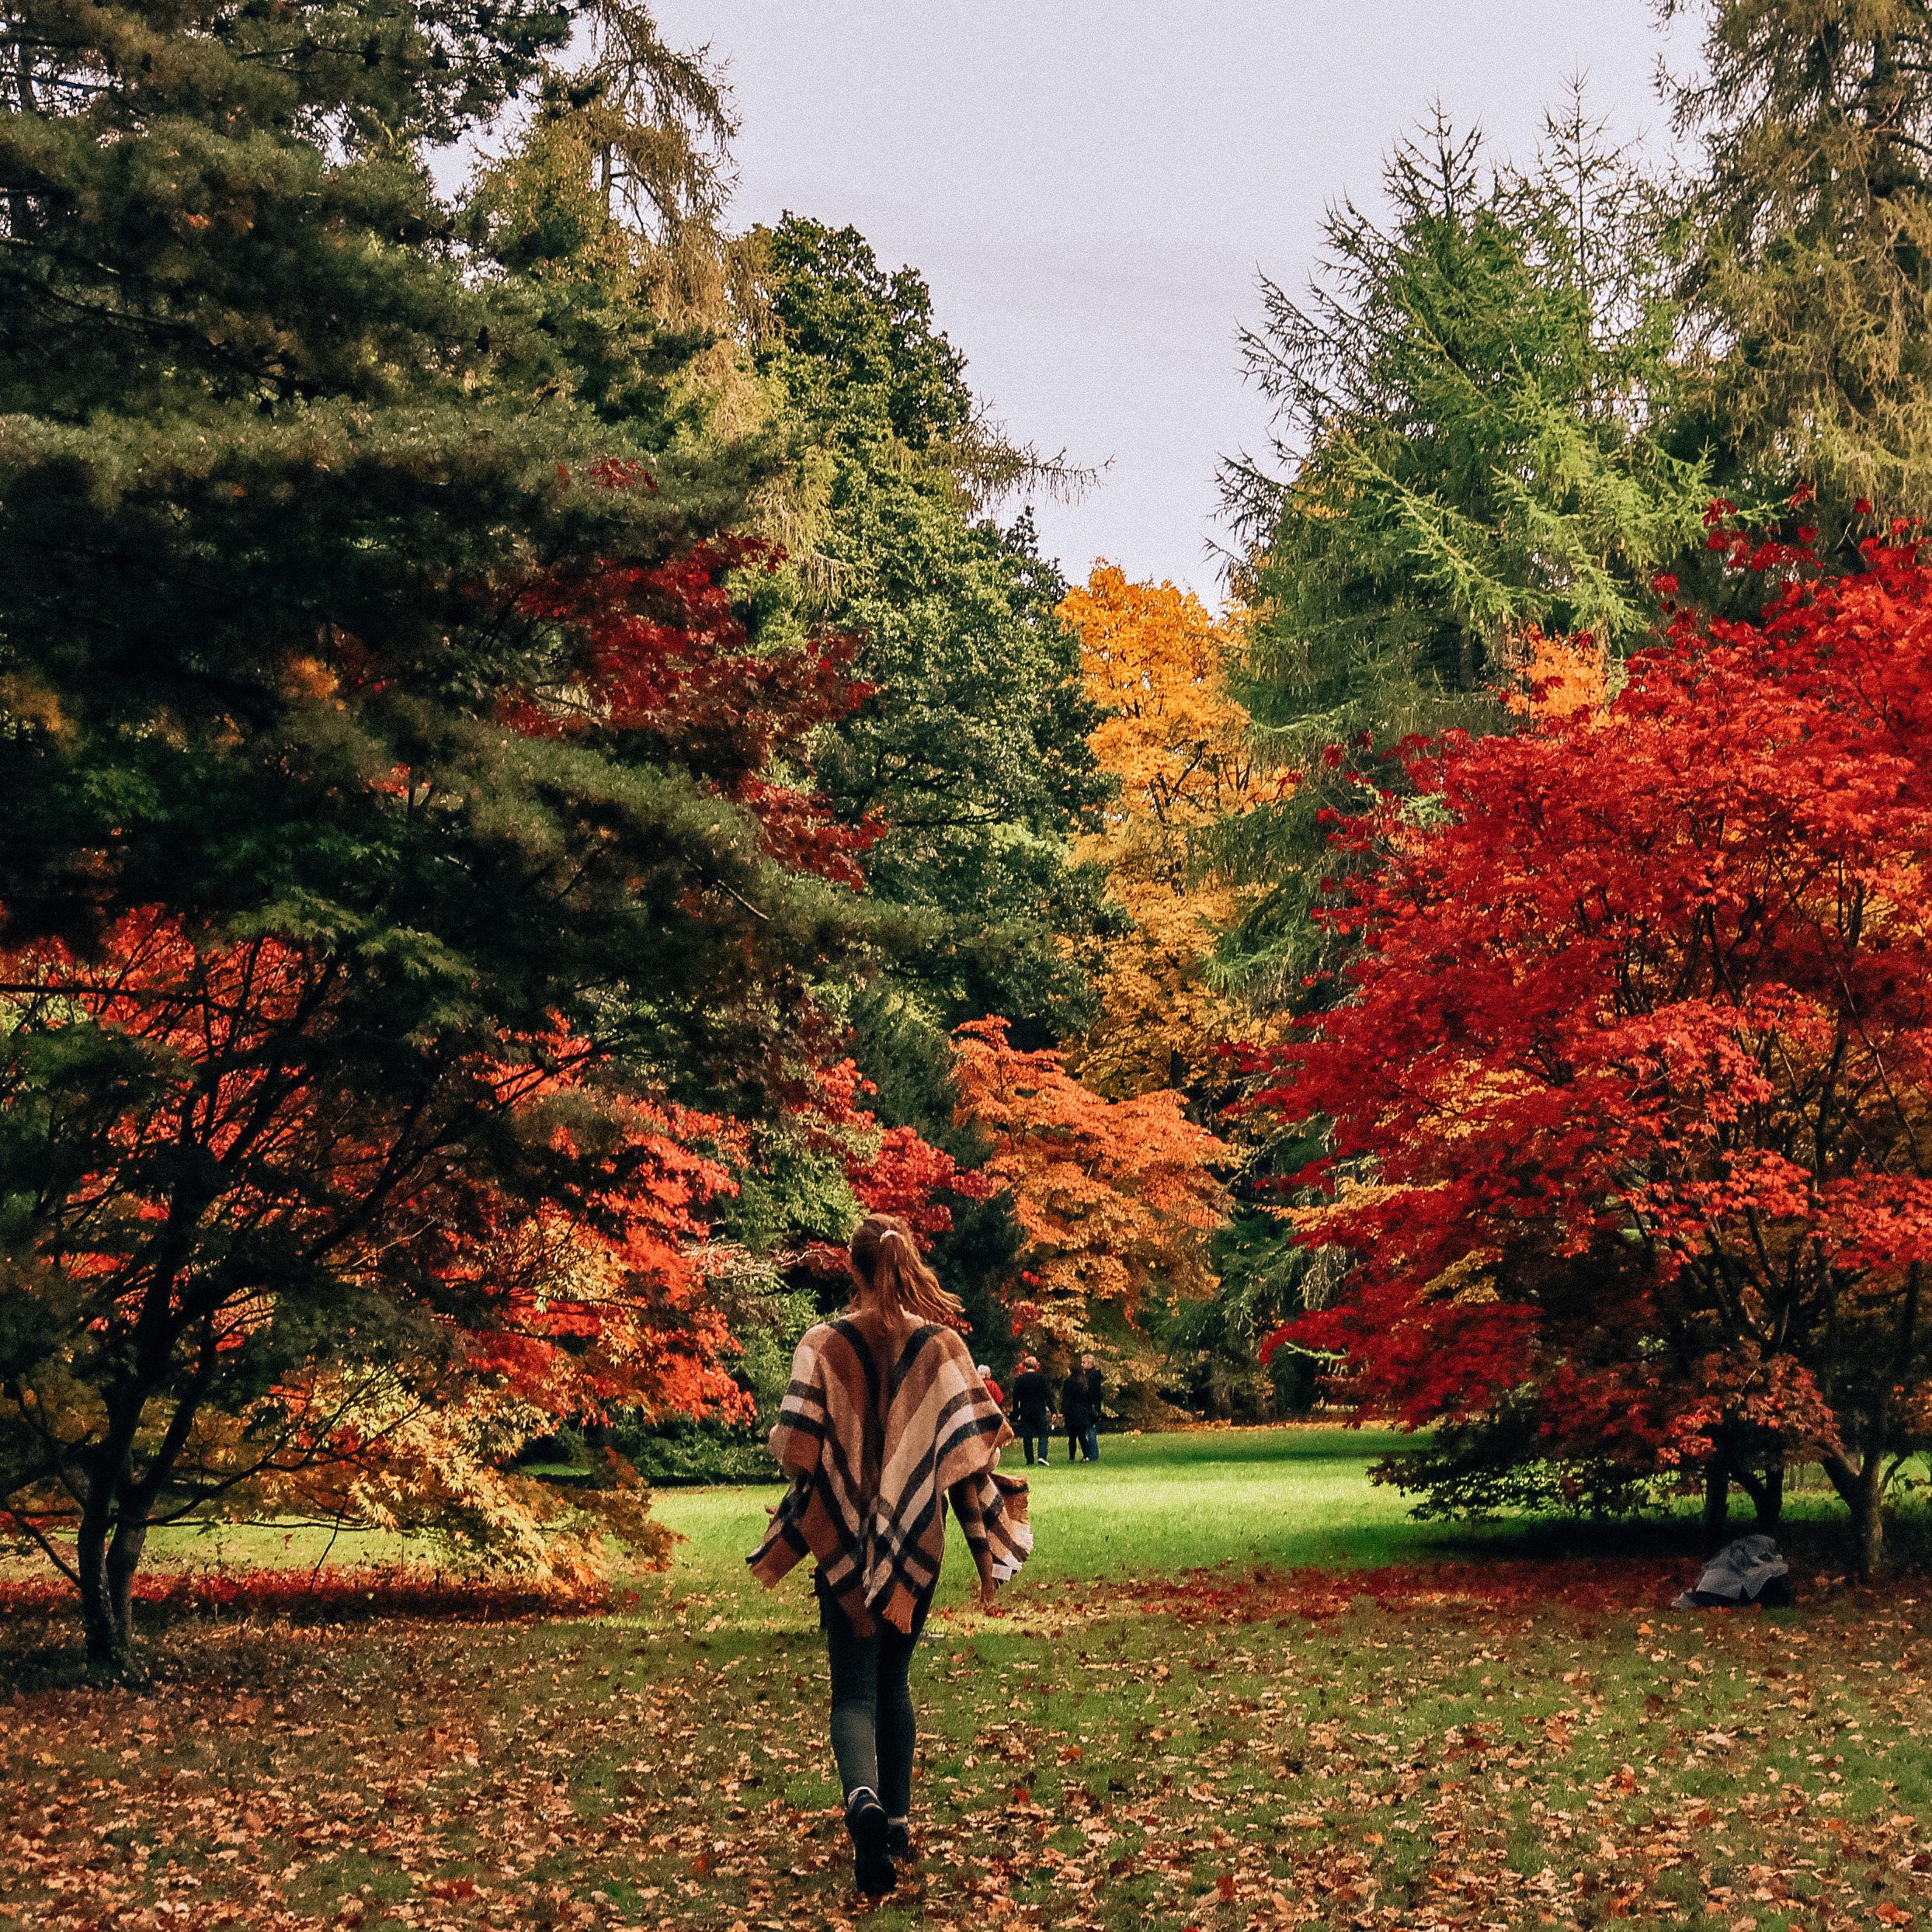 Westonbirt Arboretum: photo guide -